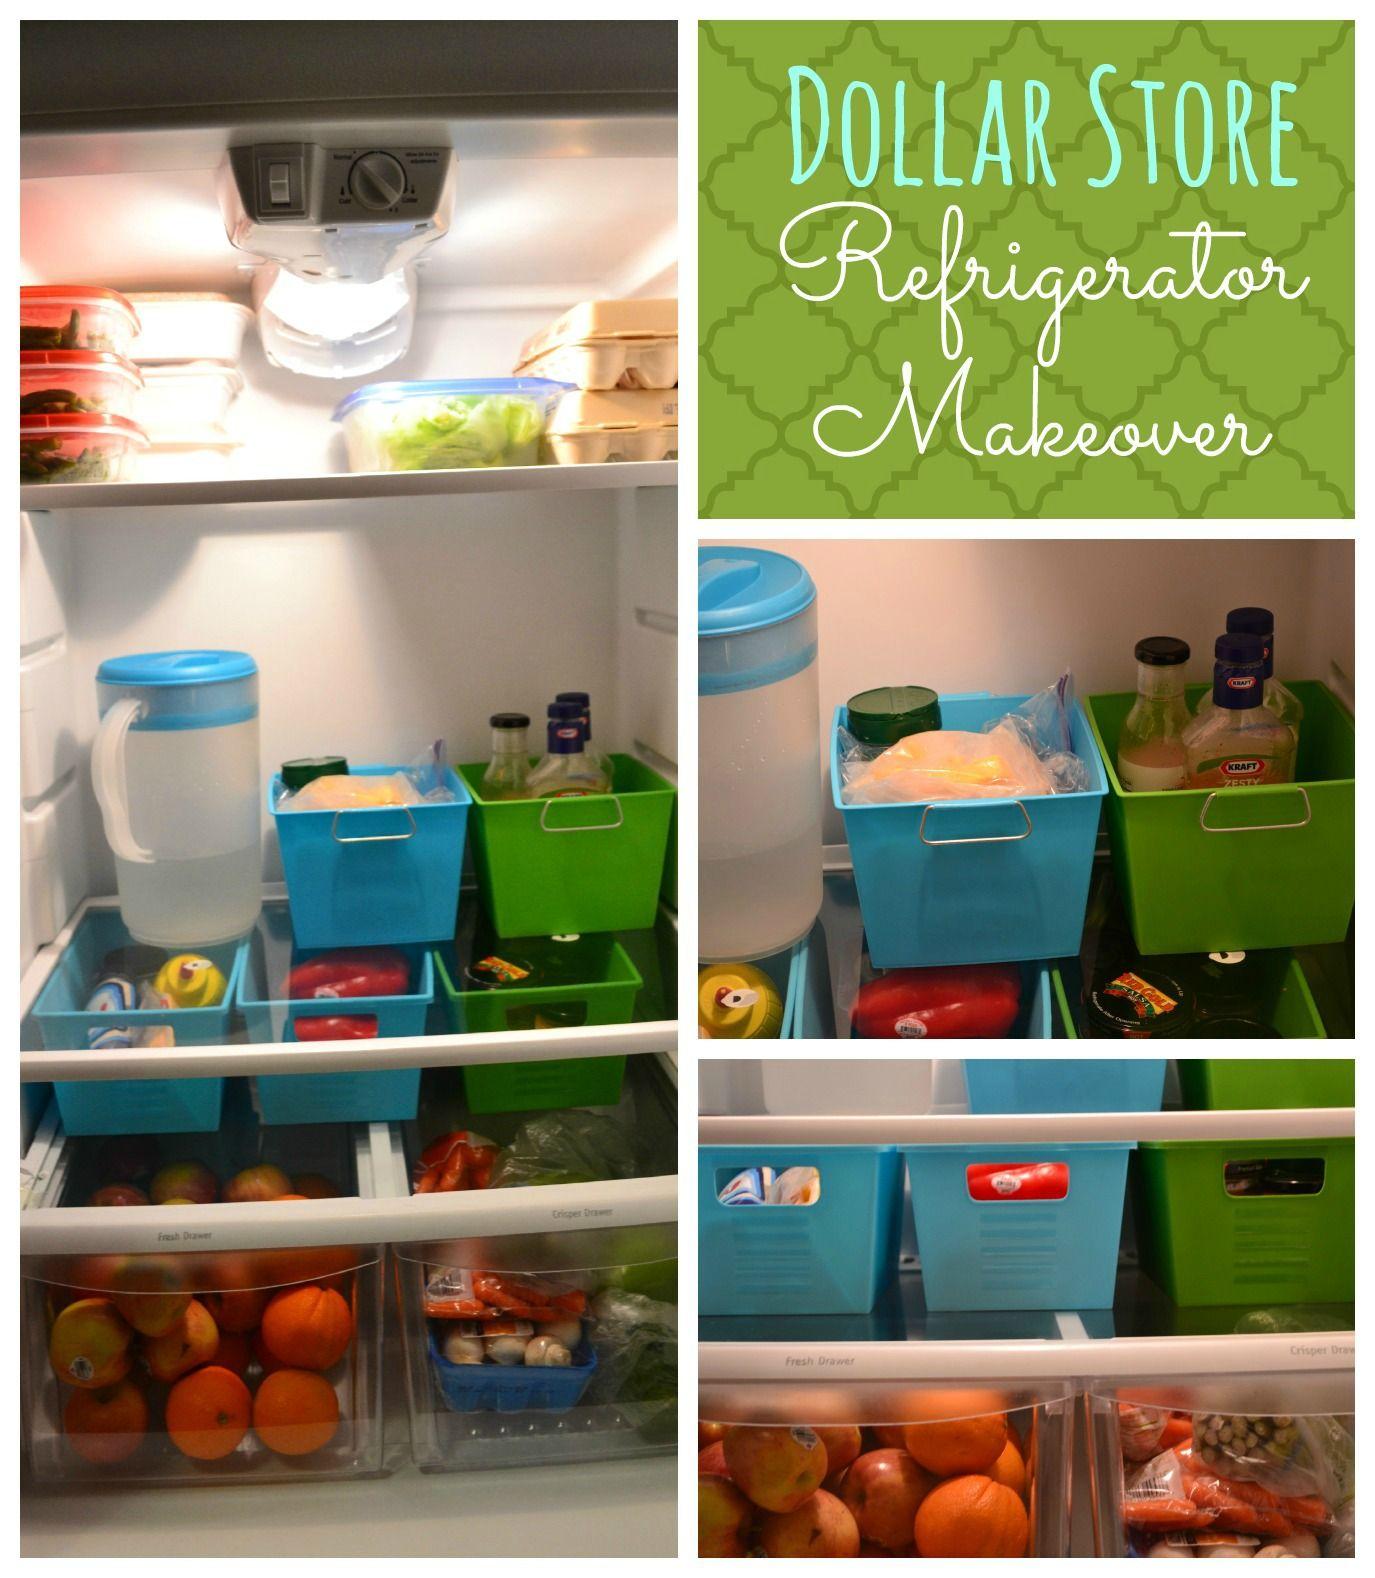 Dollar Refrigerator Makeover